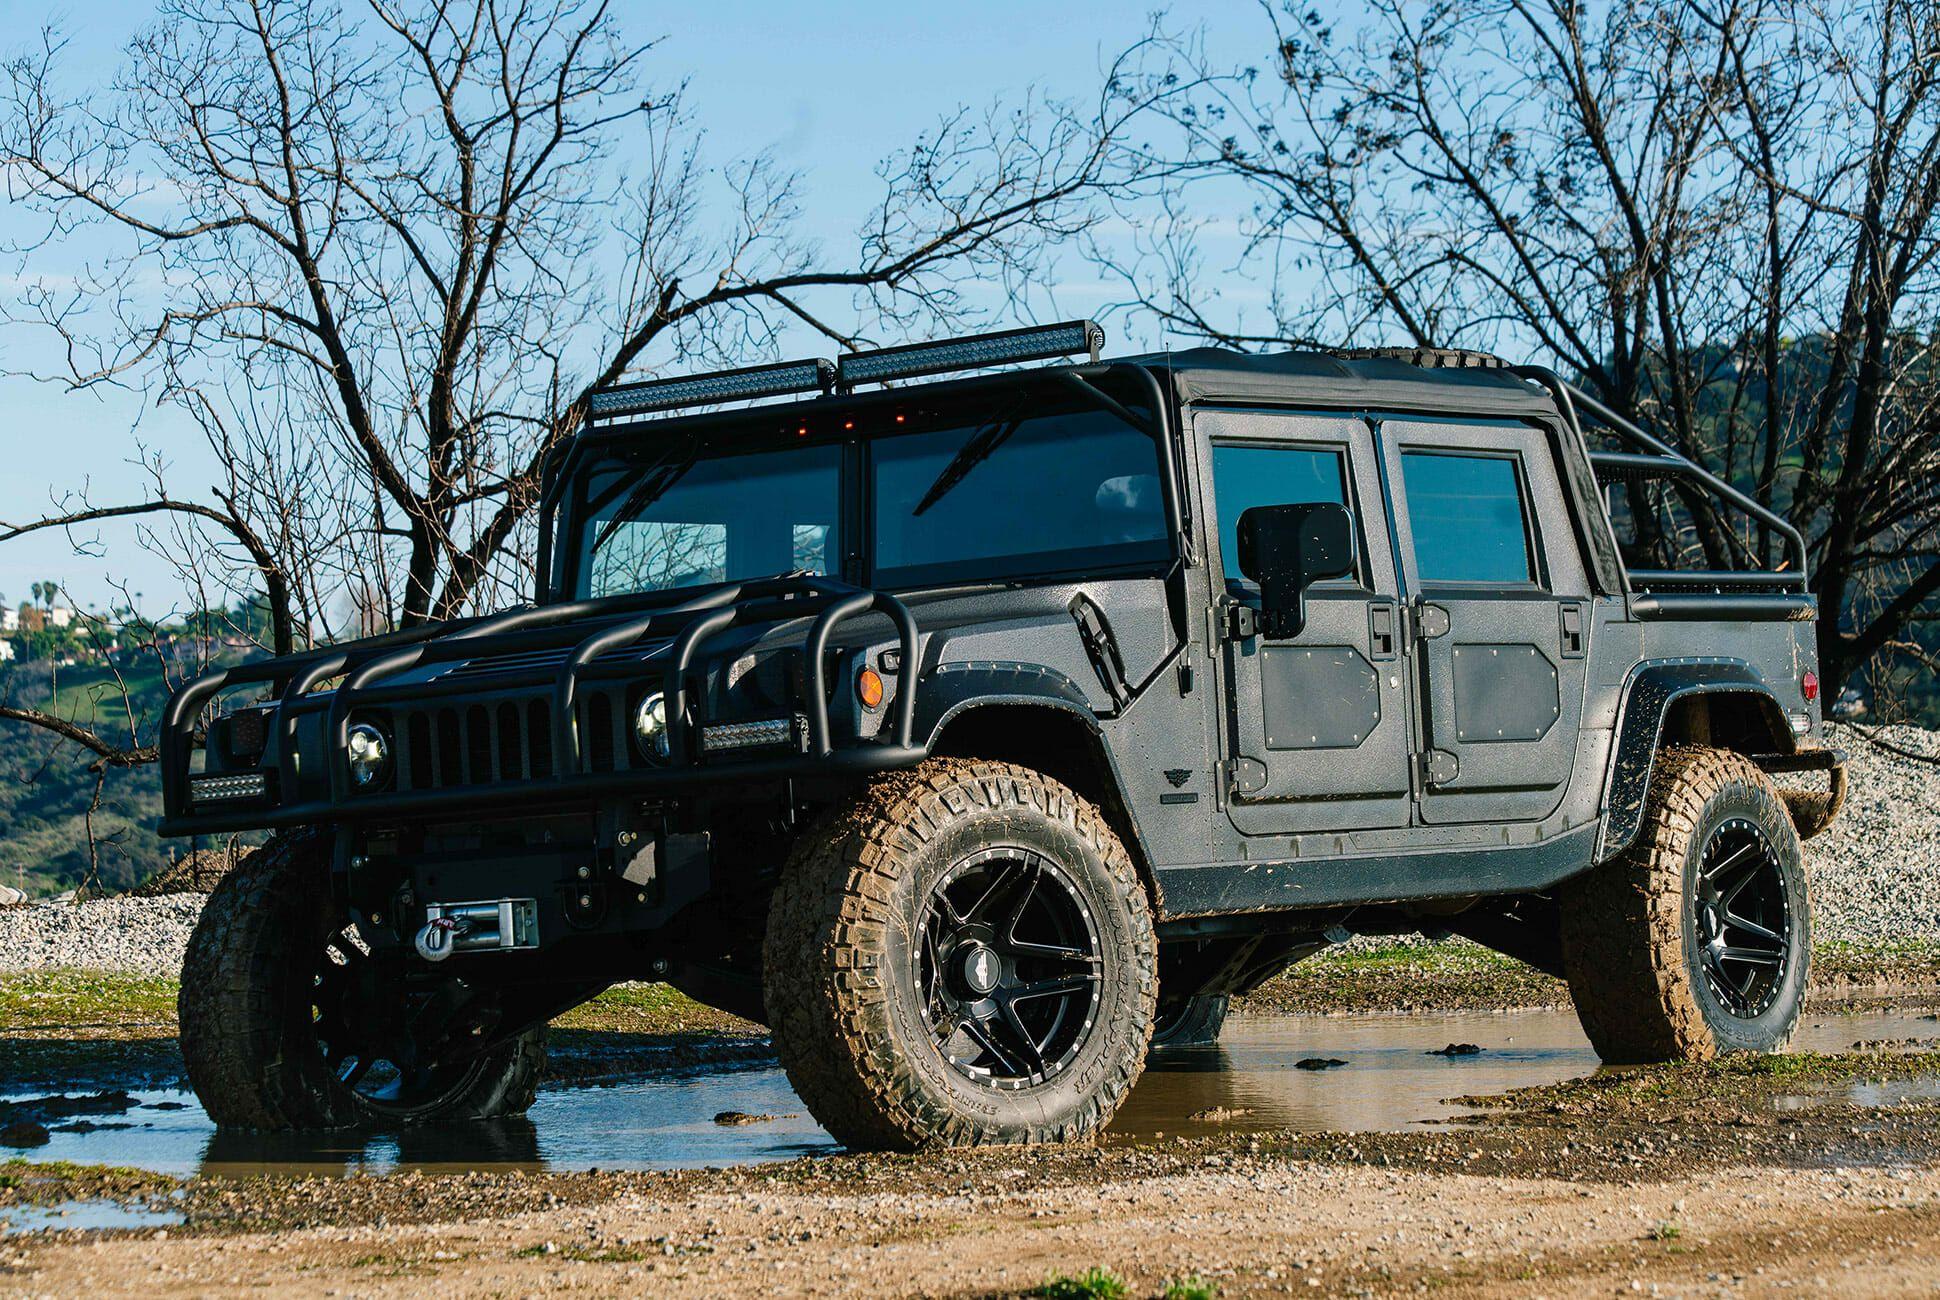 Mil-Spec-Automotive-Hummer-H1-gear-patrol-slide-1